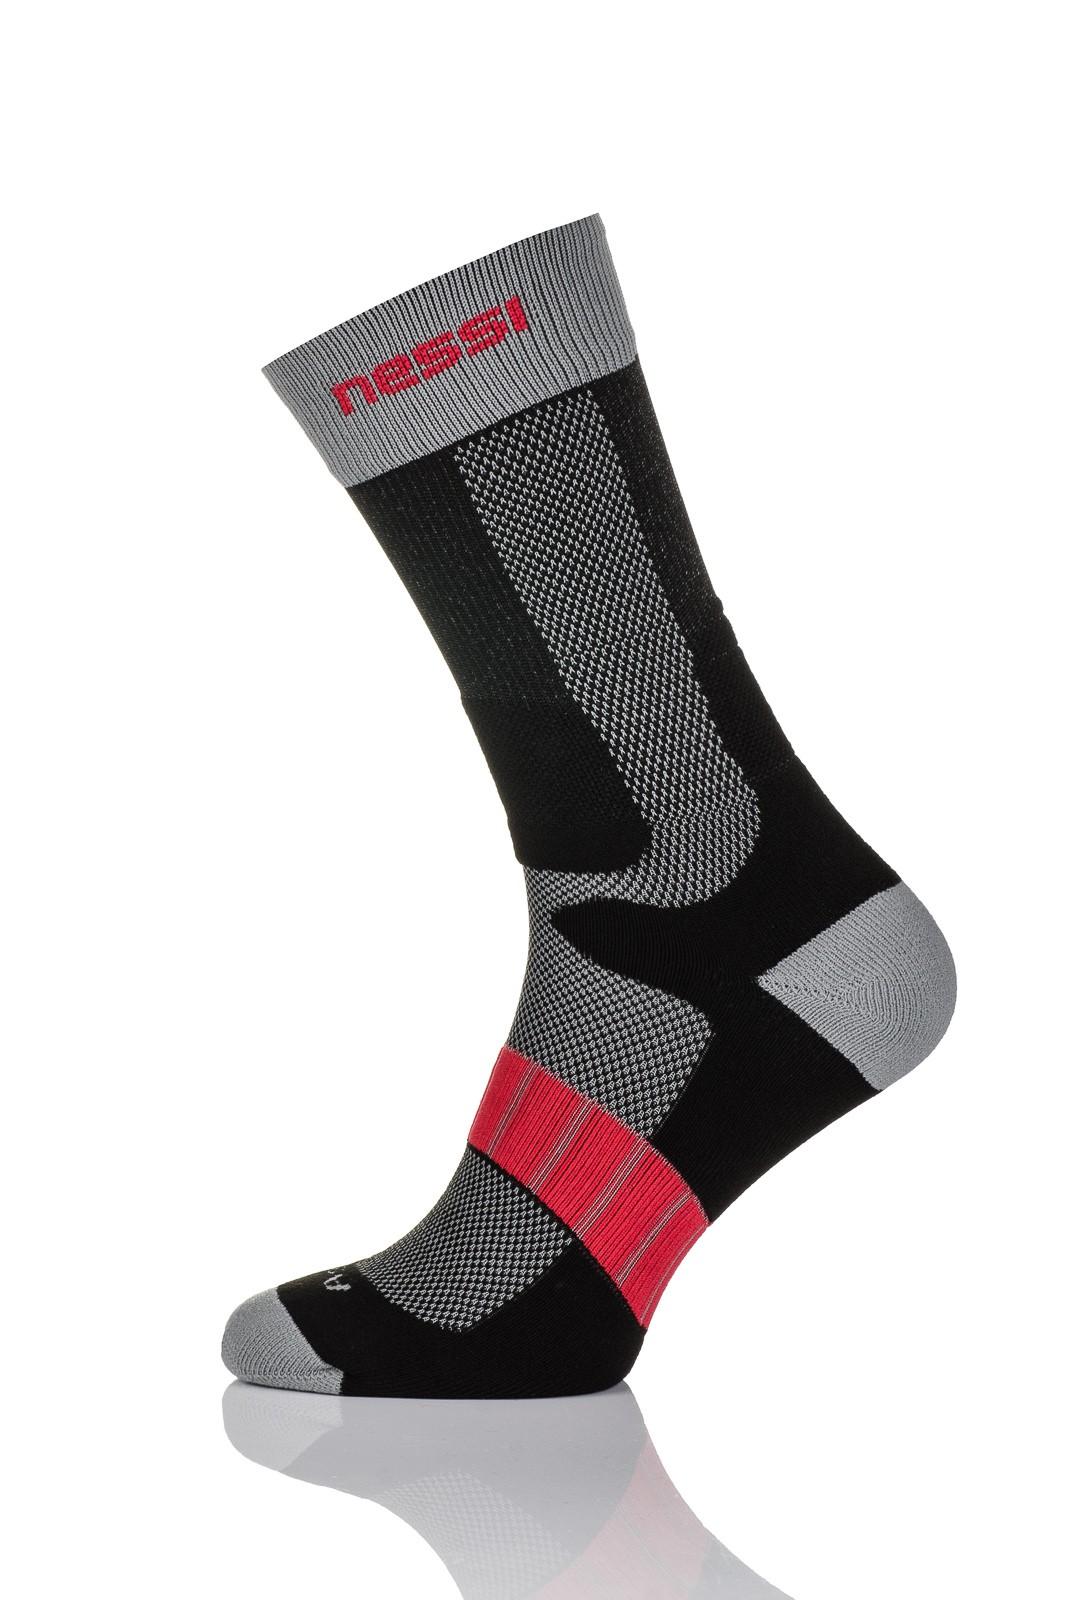 Nessi Termoaktivní ponožky s ionty stříbra T2 - Černo-Šedá-Červená Barva: černá+šedá, Velikost: 37-40